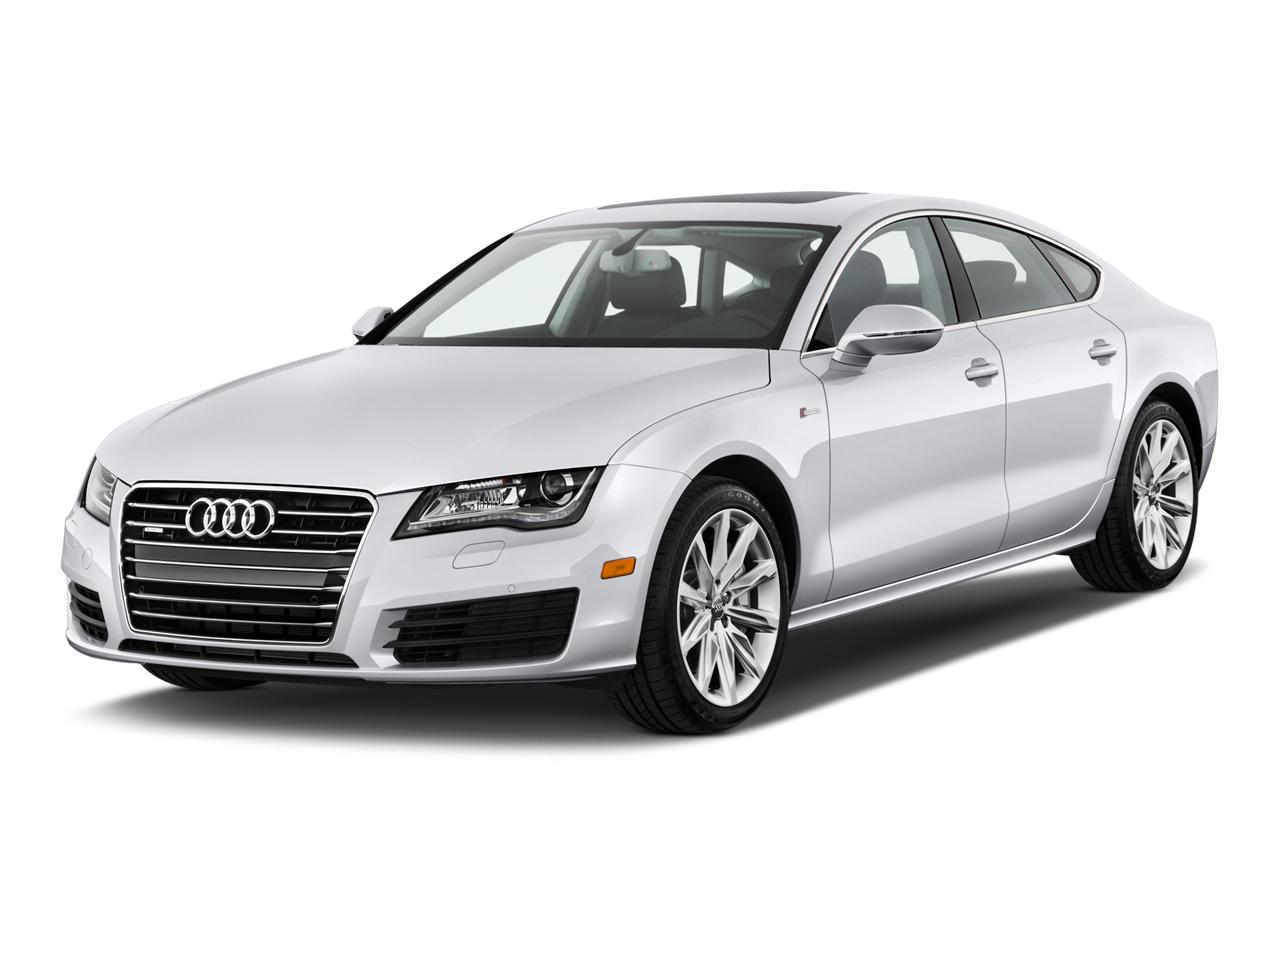 Kekurangan Audi 2012 Perbandingan Harga